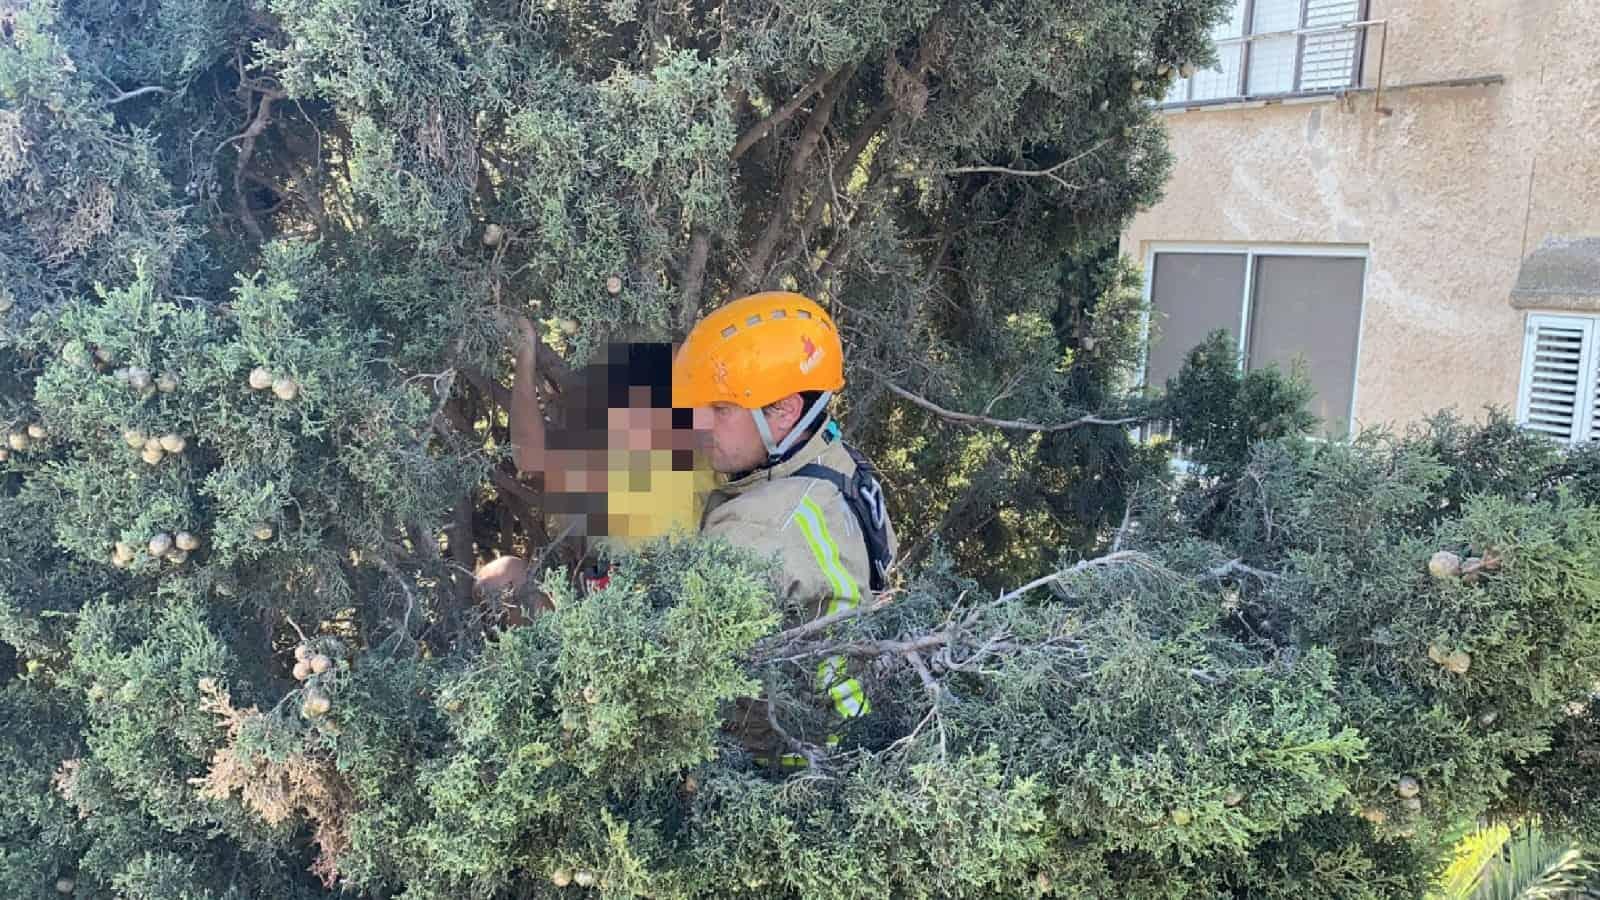 חילוץ ילד בחיפה, צילום: דוברות כבאות והצלה